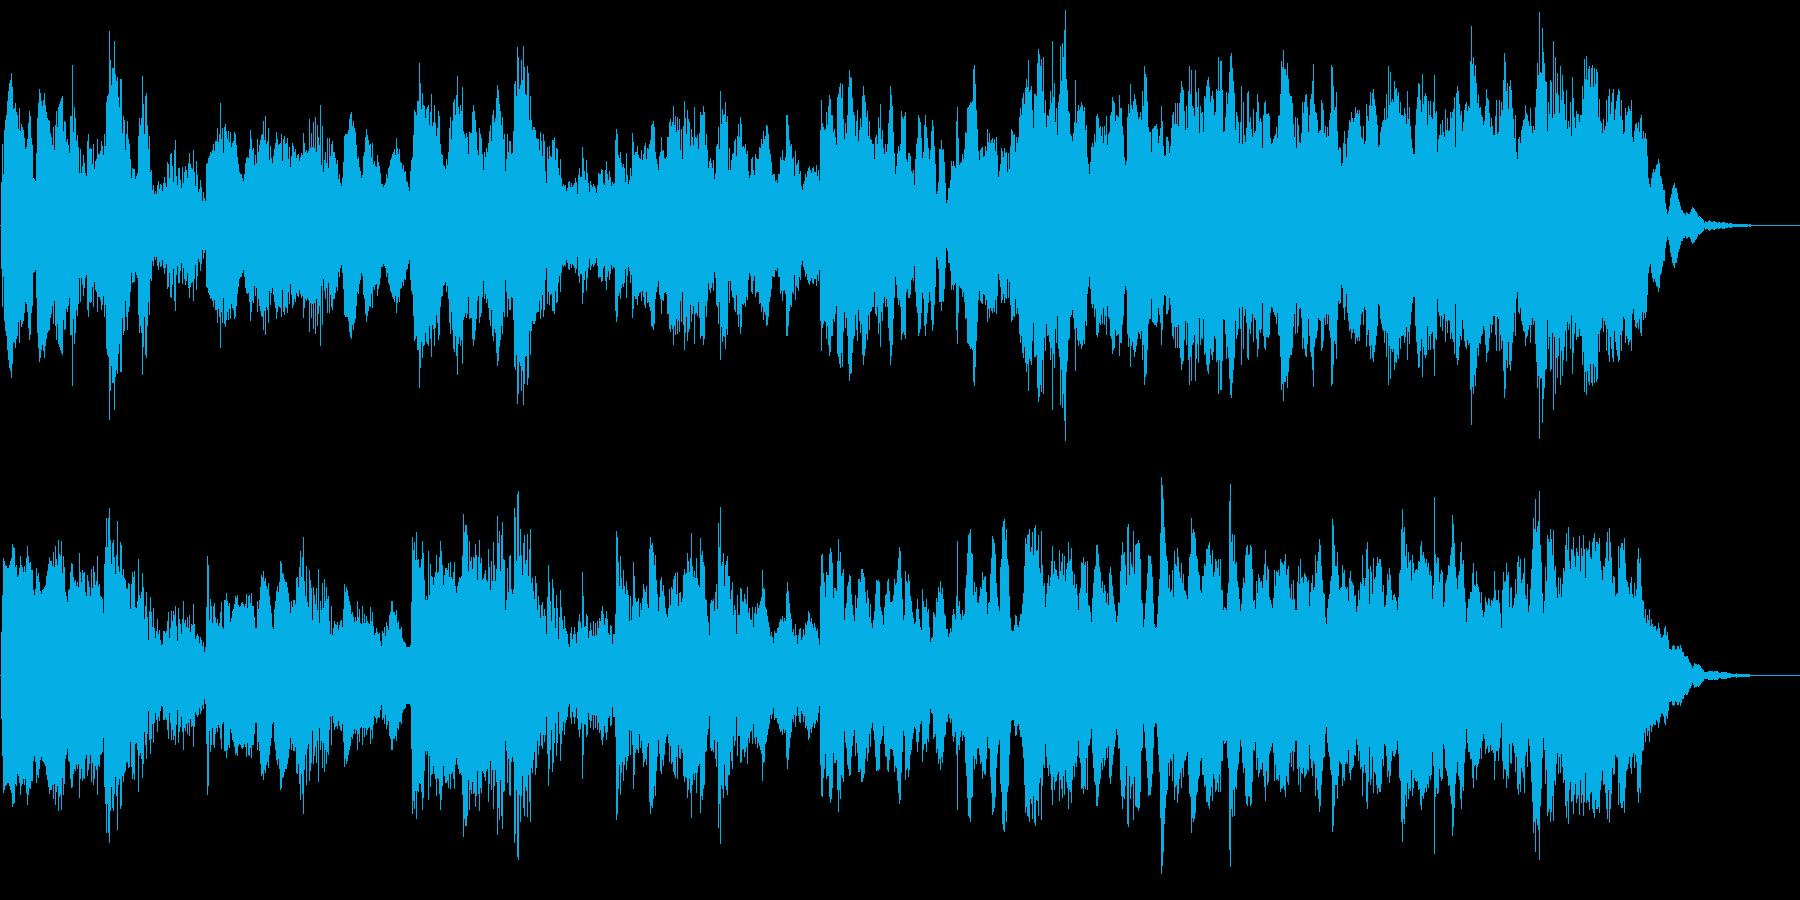 ハロウィン系BGM ピアノ主体のジングルの再生済みの波形